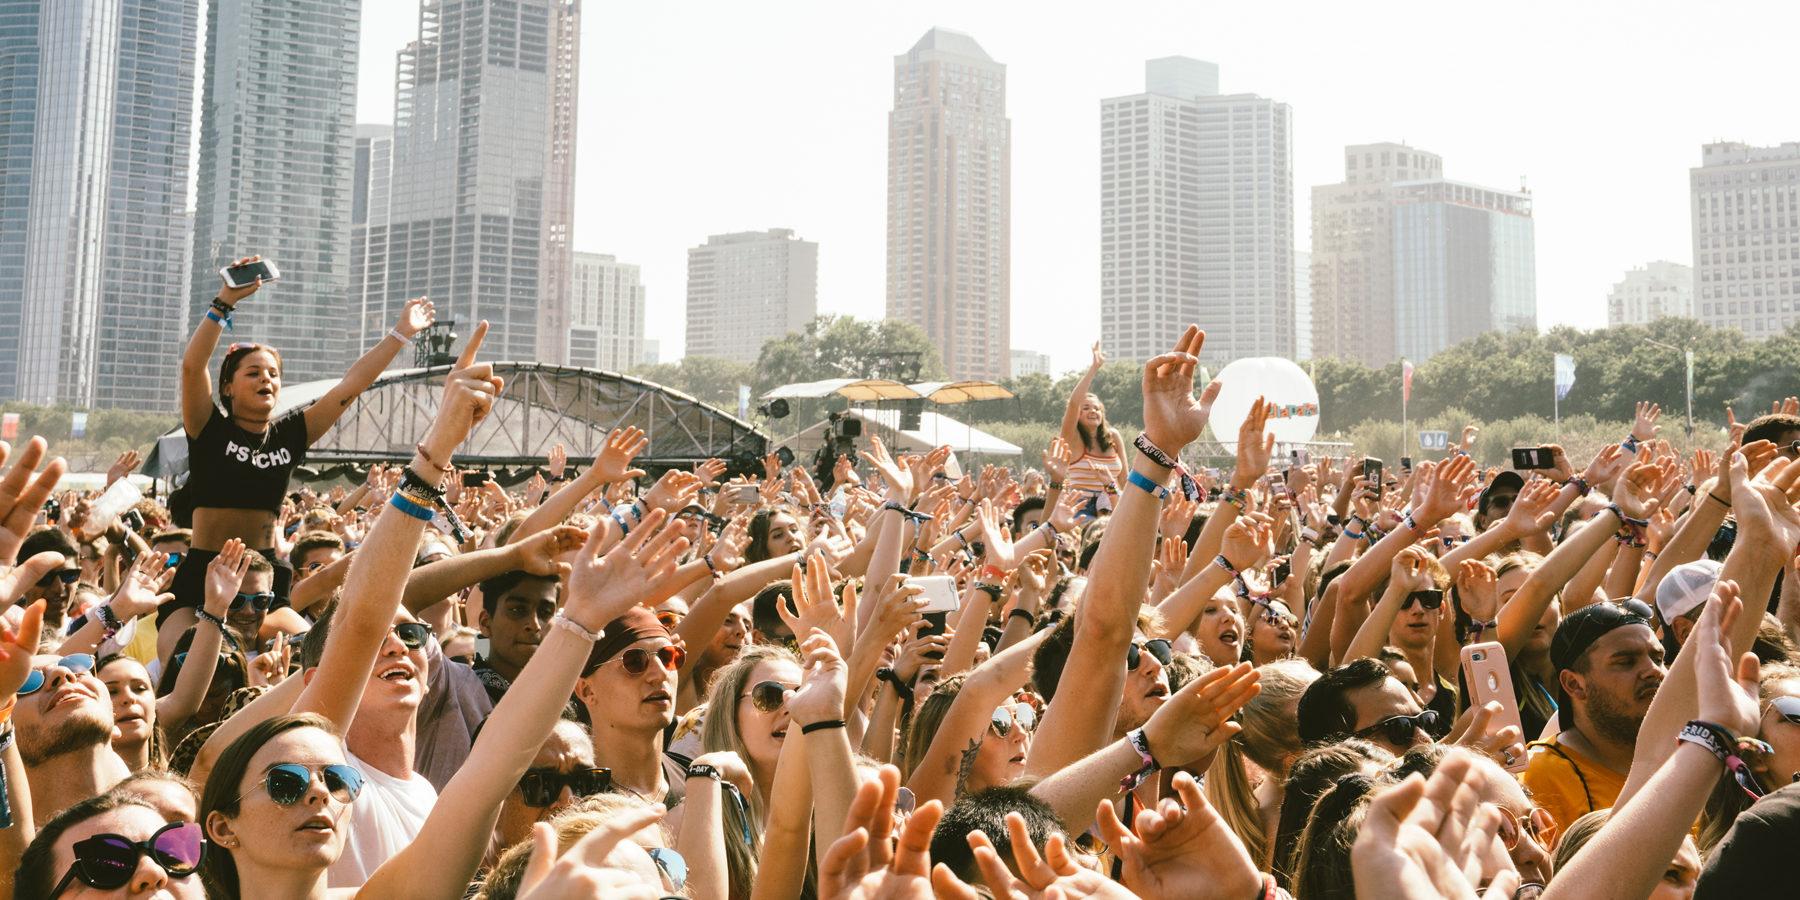 Ya es oficial: Lollapalooza volverá en 2021 a capacidad completa en Chicago